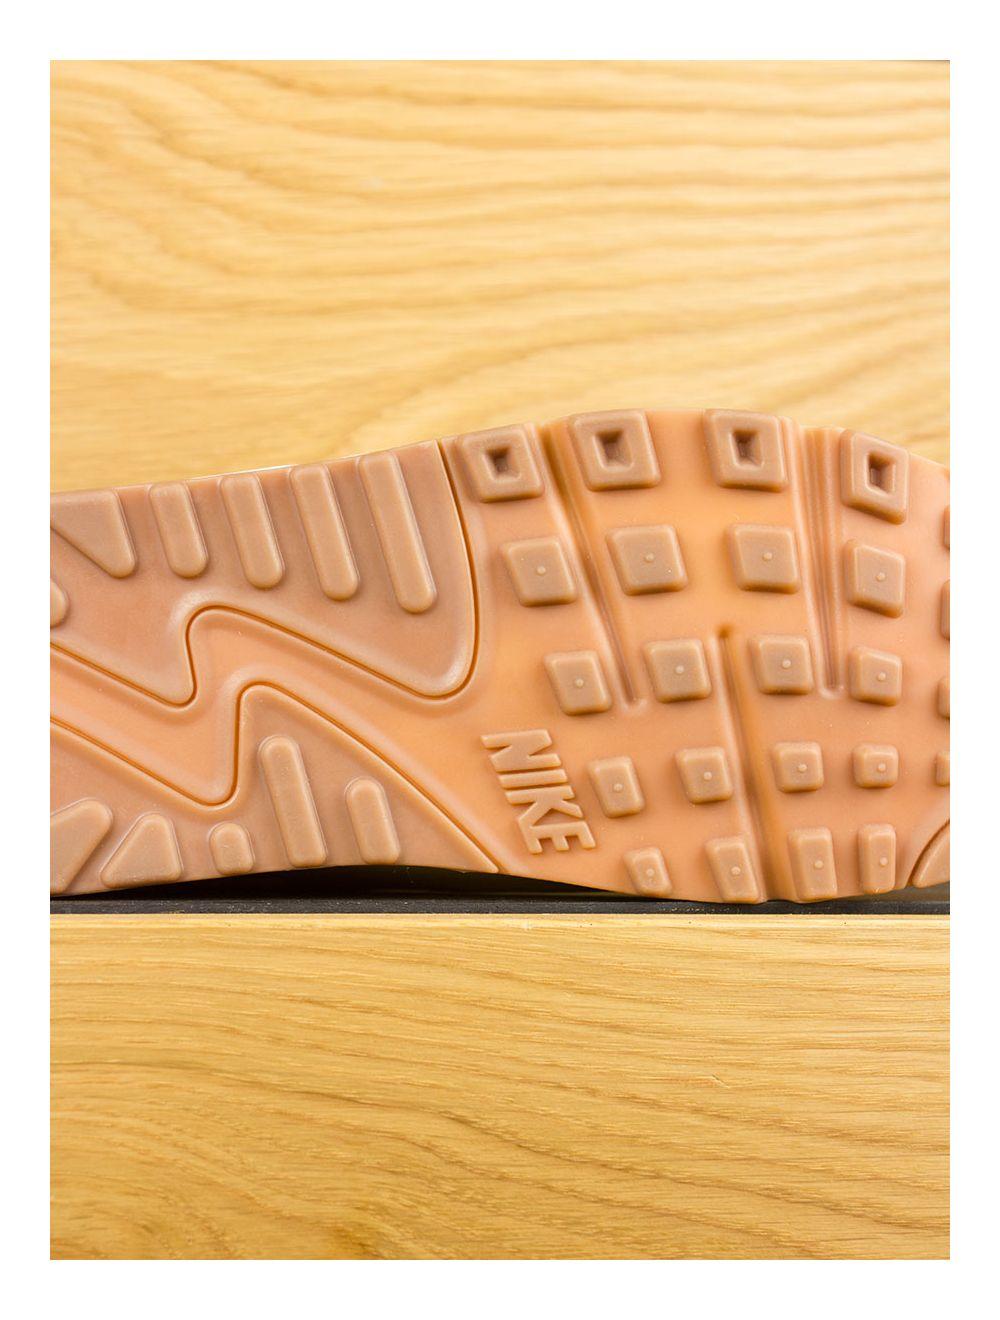 Nike Air Max 90 VT QS 'Varsity Maize'